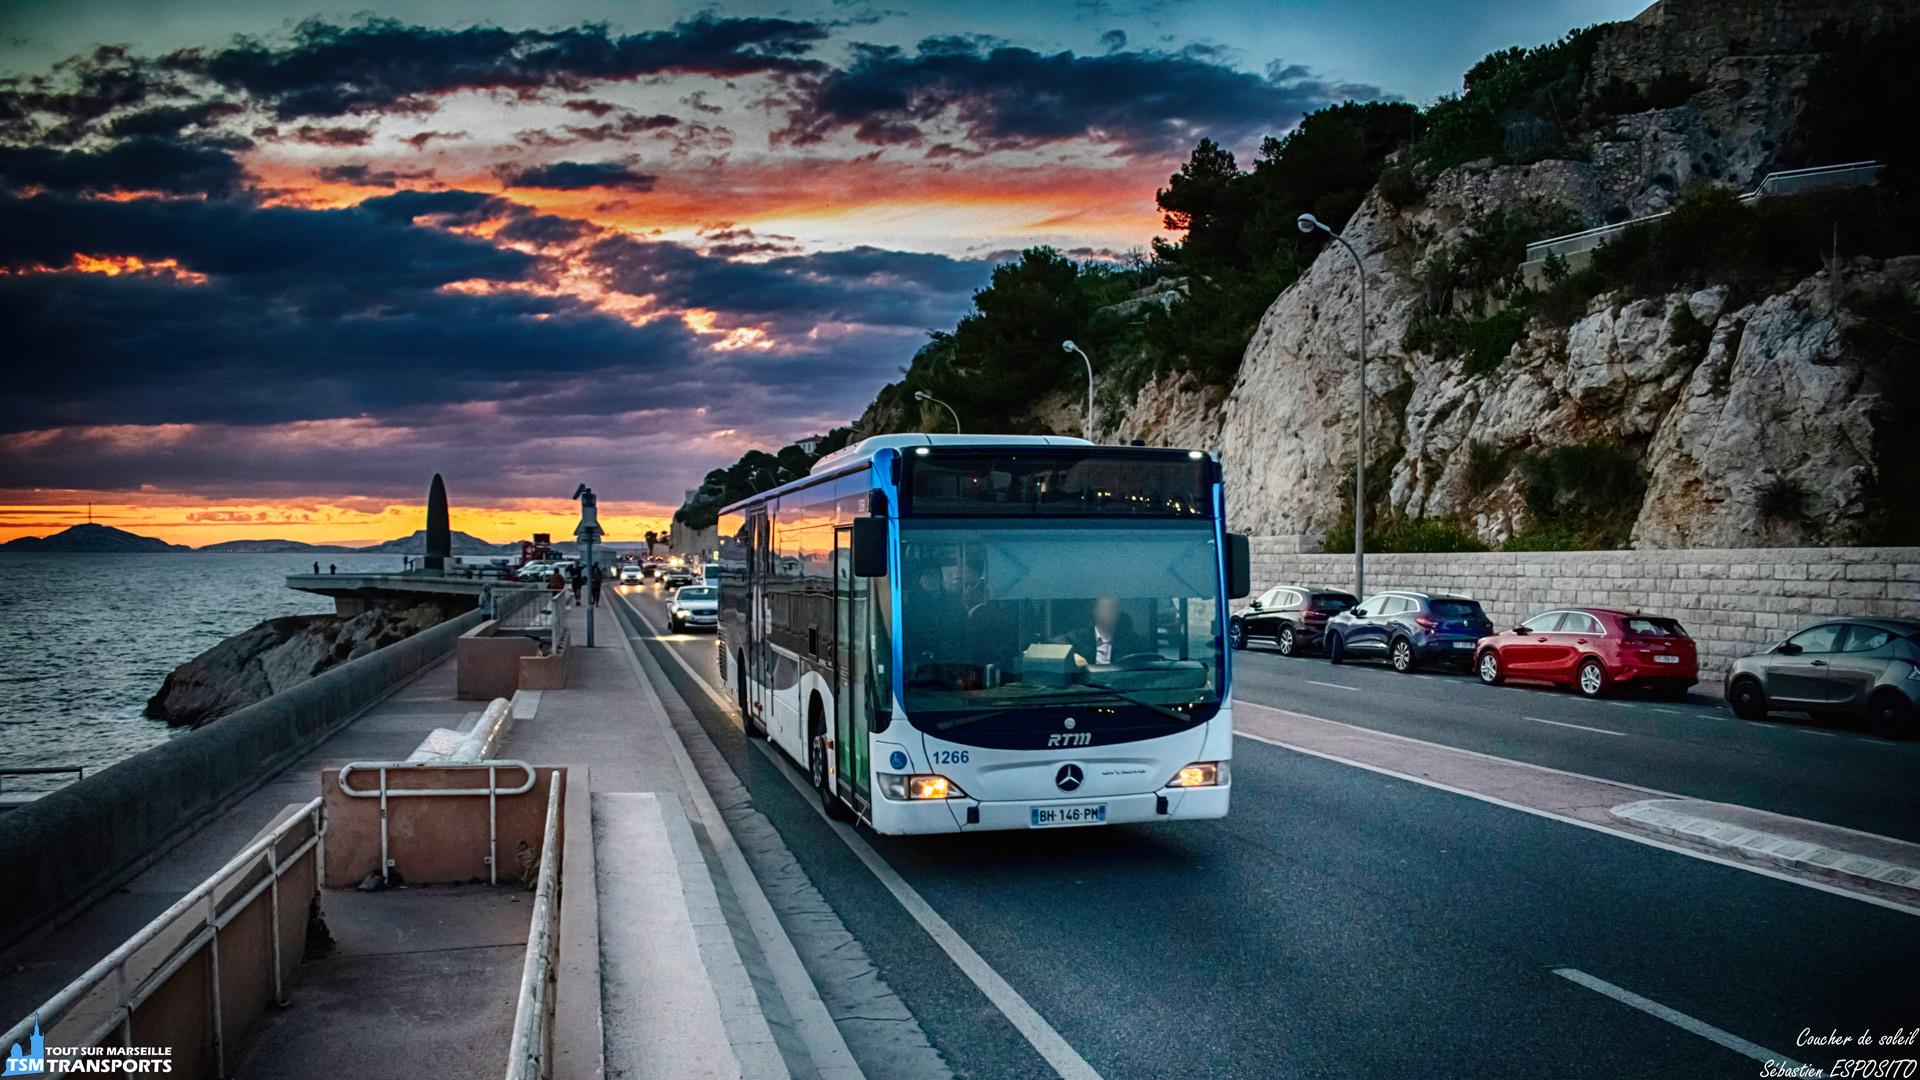 Dimanche soir sur la corniche, encore à l'heure d'hiver, la nuit est vite arrivée, alors que les bus de jour sont encore sur les routes de la cité phocéenne, ce Facelift sur la ligne 83 tourne le dos au magnifique spectacle qui se répète presque tous les soirs. . ℹ️ Mercedes Benz Citaro Facelift n°1266 RTM. . 📍 Corniche Président John Fitzgerald Kennedy, 7eme arrondissement de Marseille. . ↔️ 83 : Métro Rond Point du Prado - Canebière Vieux-Port. . 📸 Nikon D5600. . 📷 Nikkor 18-55mm. . 📅 17 Mars 2019 à 18:54. . 👨 Sébastien ESPOSITO.